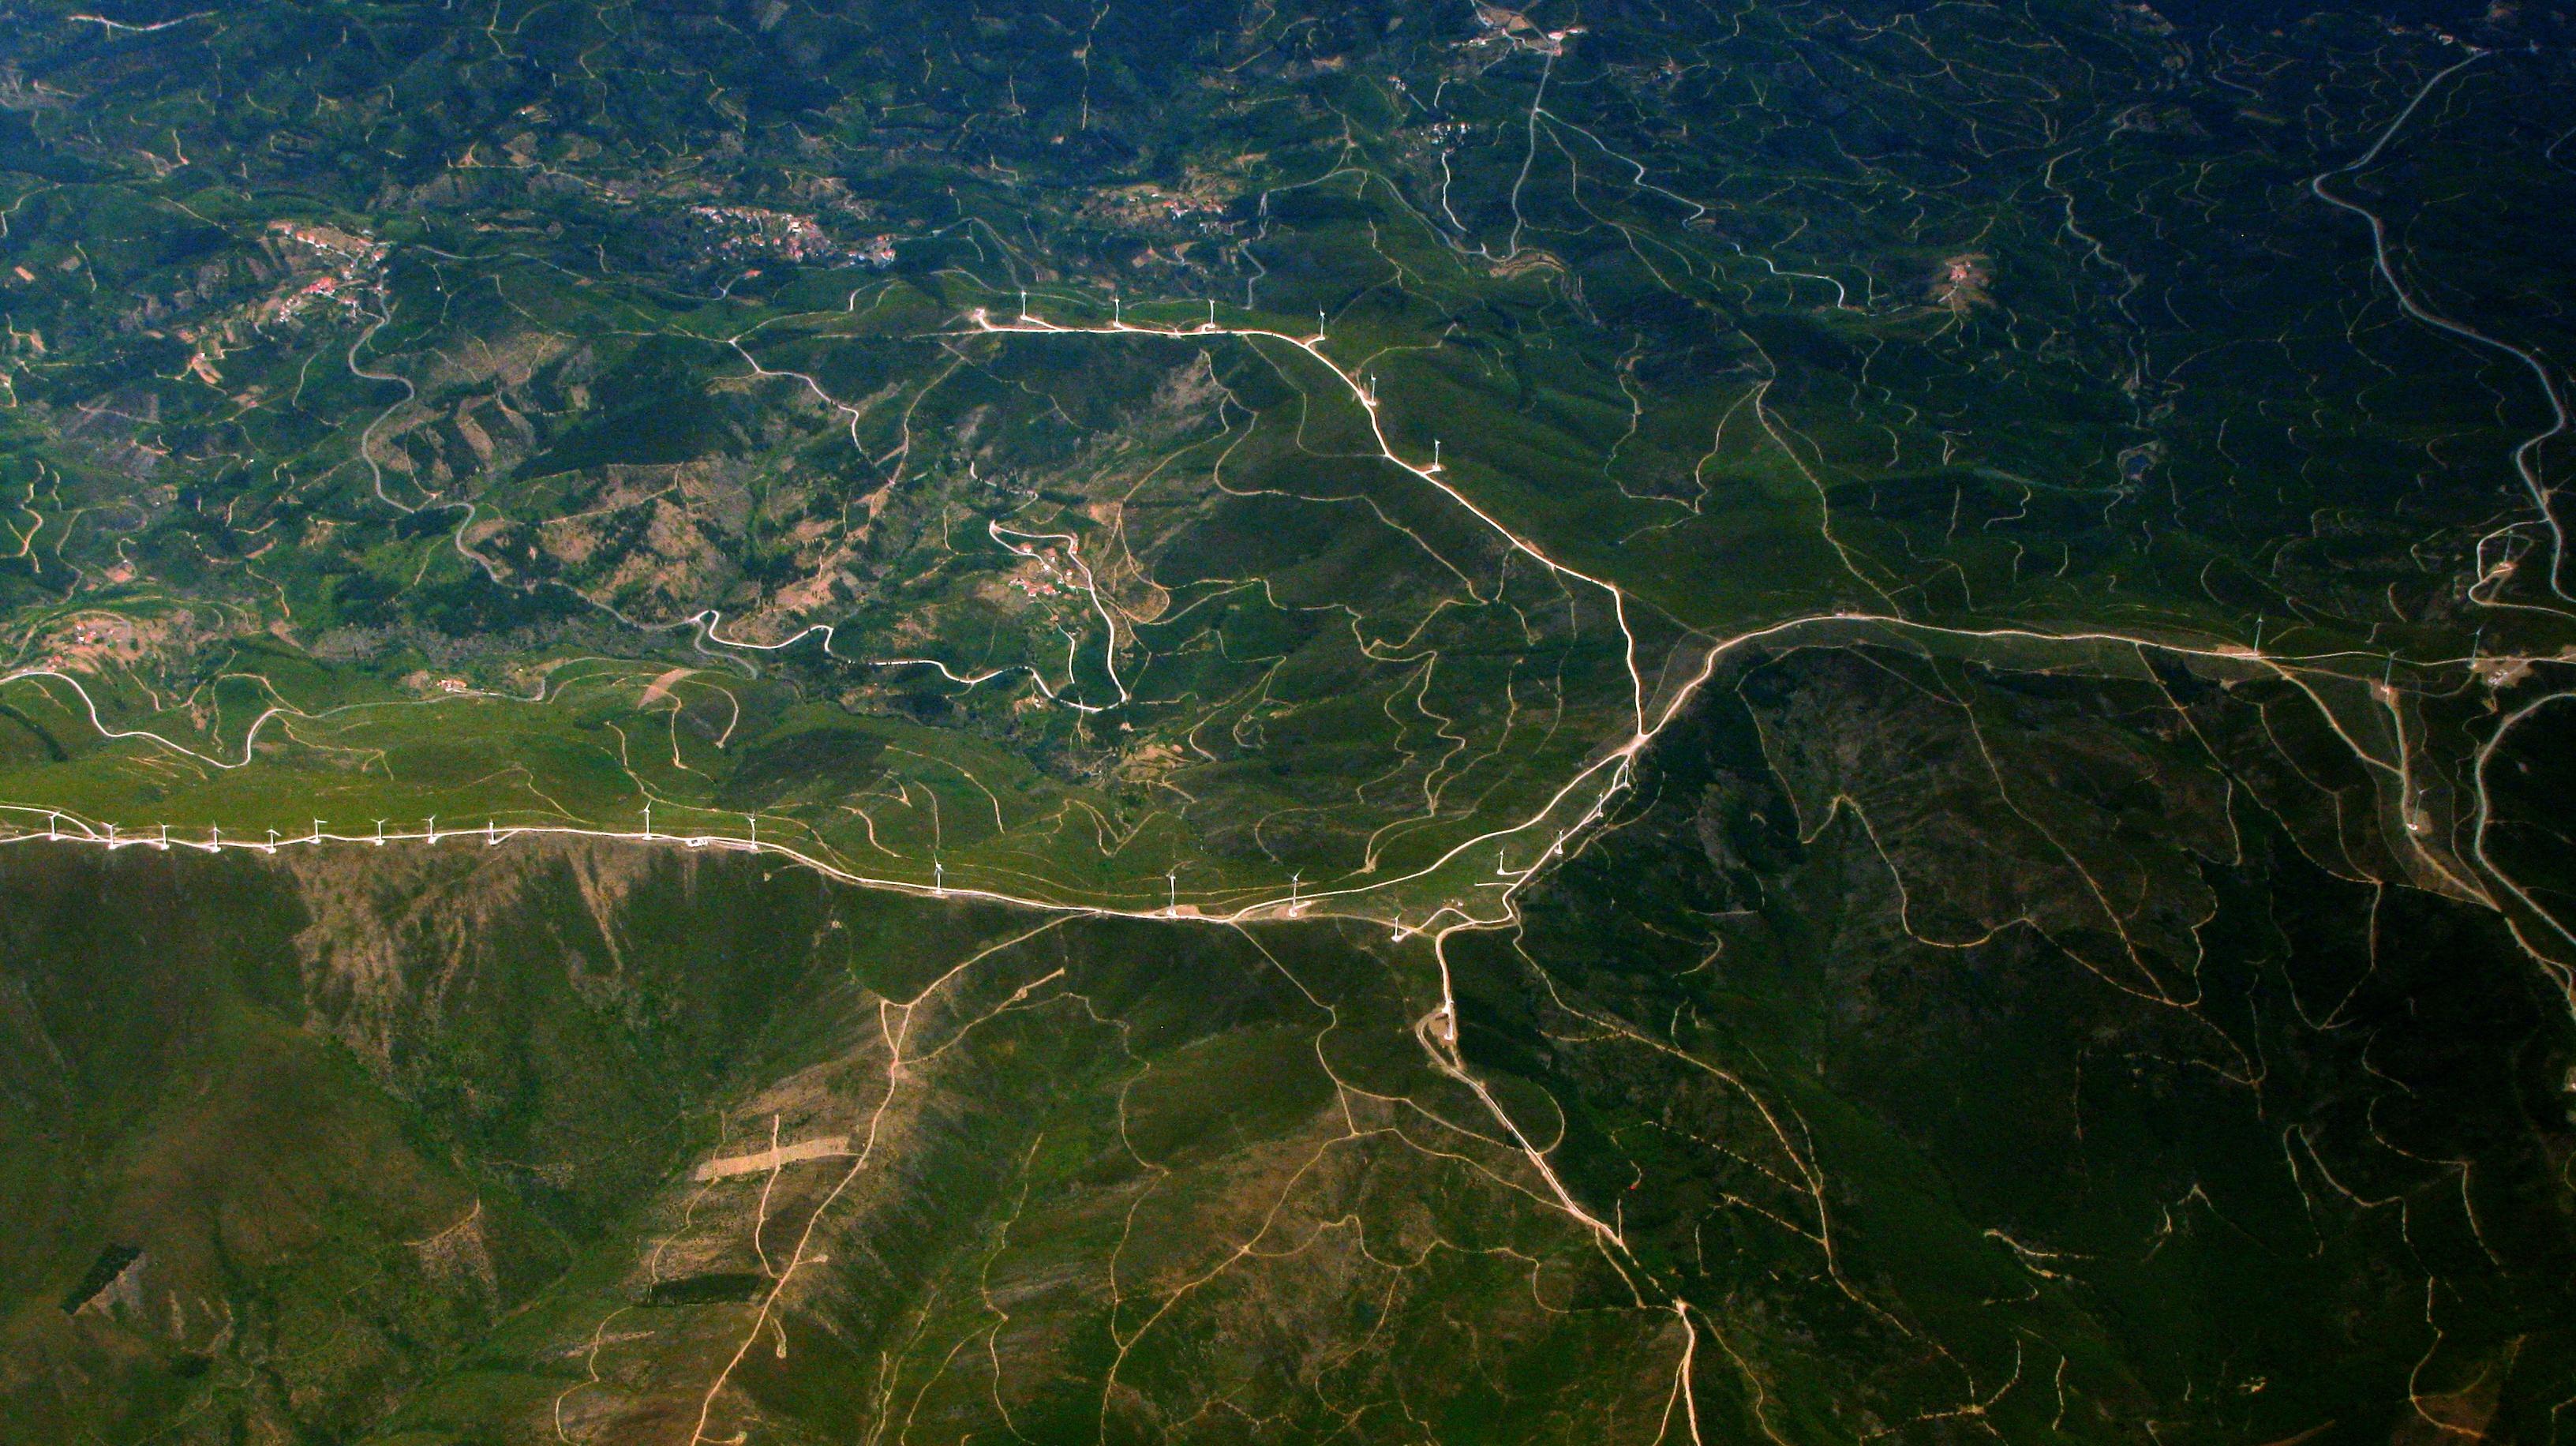 Wege in der Landschaft. Foto von Paulo Simões Mendes